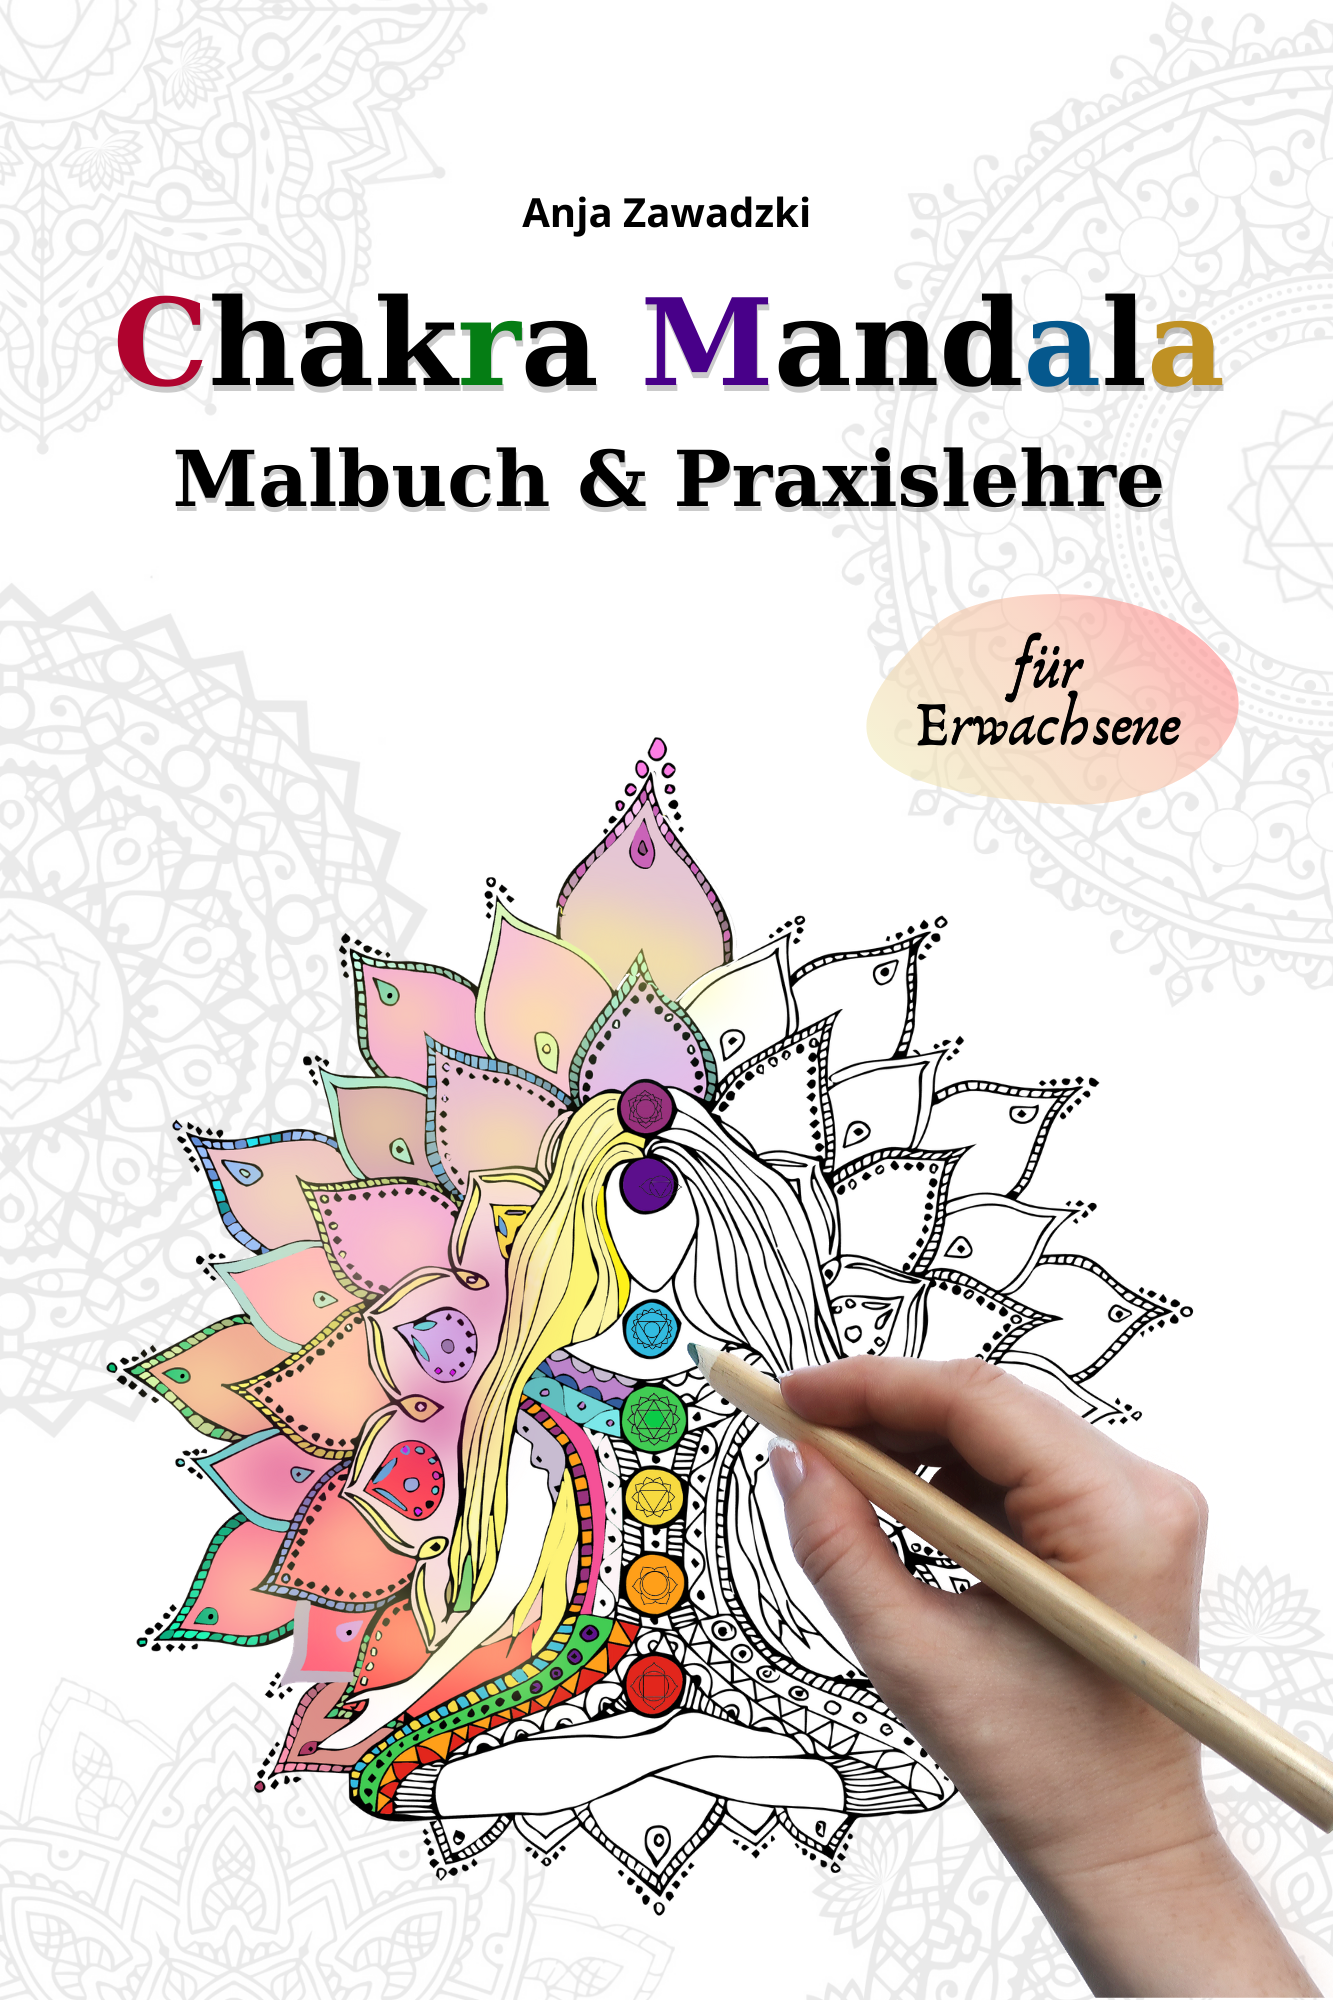 eBook Mandala Malbuch Chakra